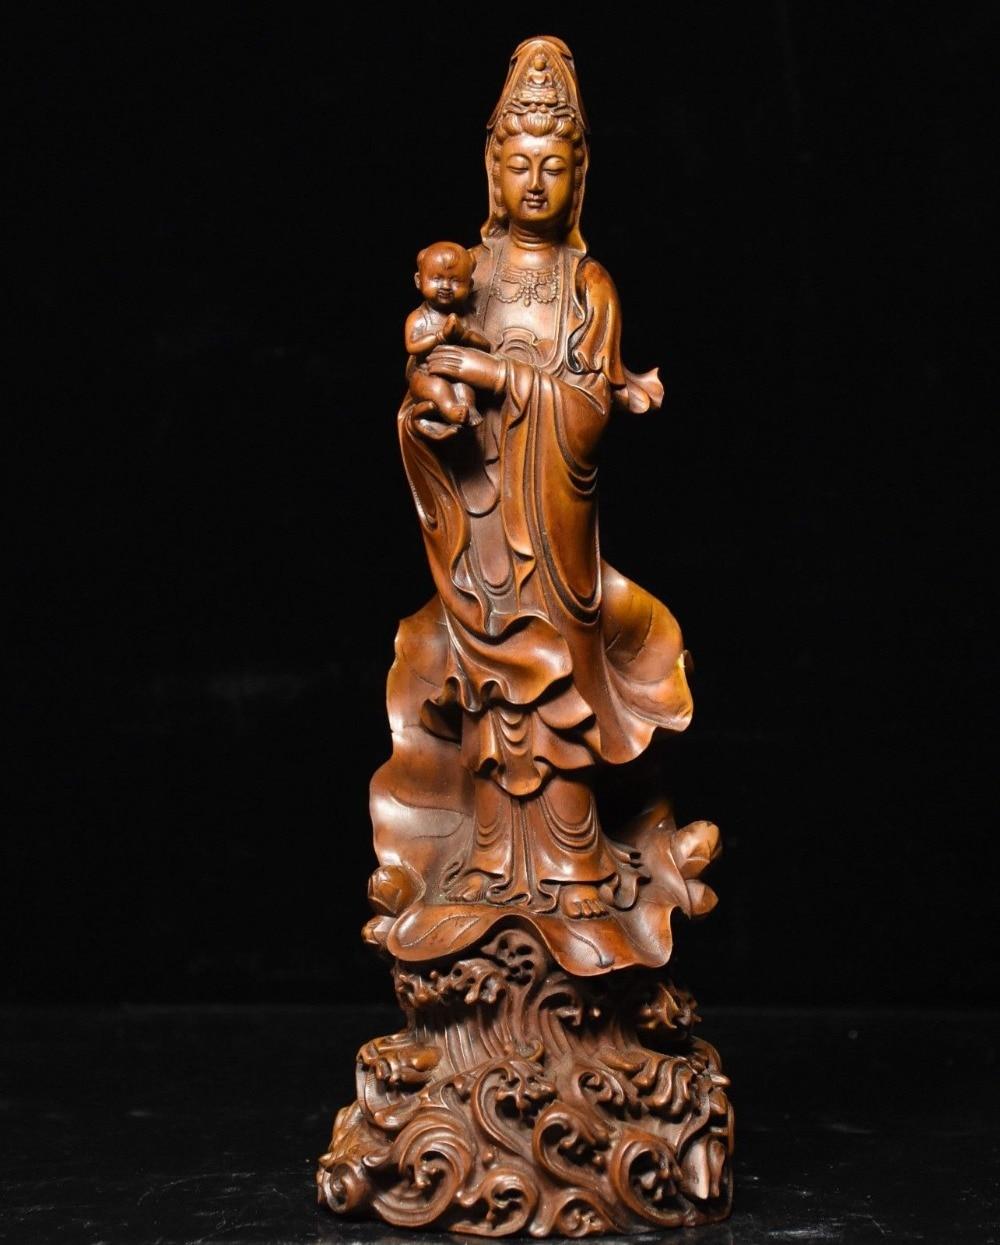 Crafts statue Chinese Buddhism Boxwood wood exquisite give son Guan Yin Kwan-yin Buddha StatueCrafts statue Chinese Buddhism Boxwood wood exquisite give son Guan Yin Kwan-yin Buddha Statue